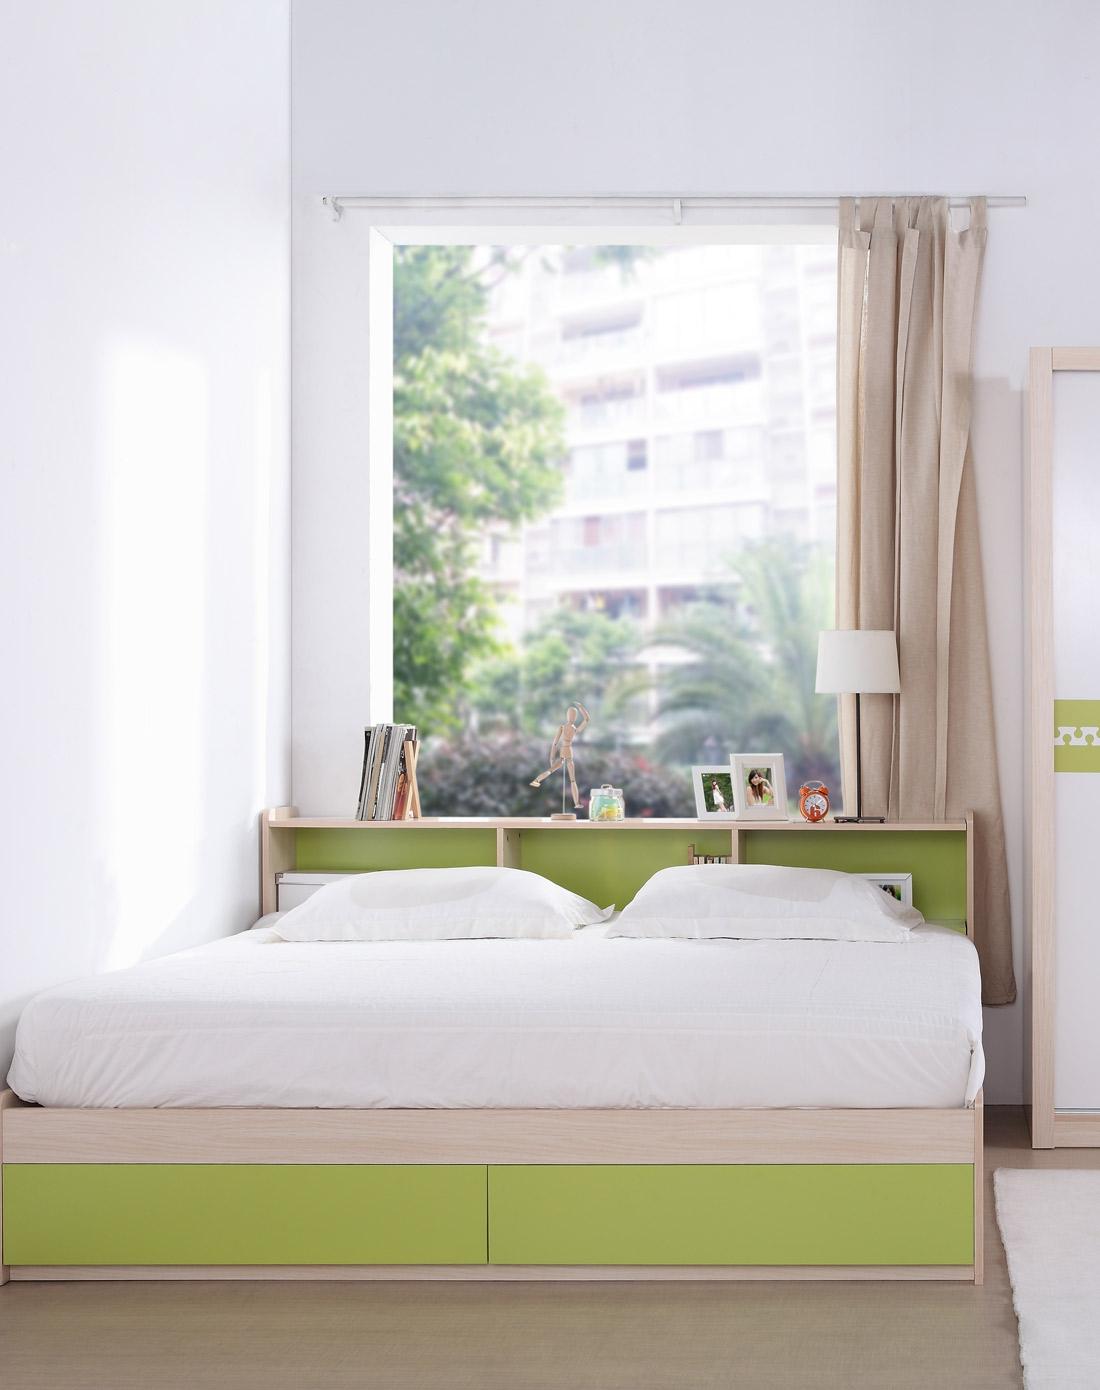 恩嘉依 榻榻米床 带床头 绿色 1米8*2米